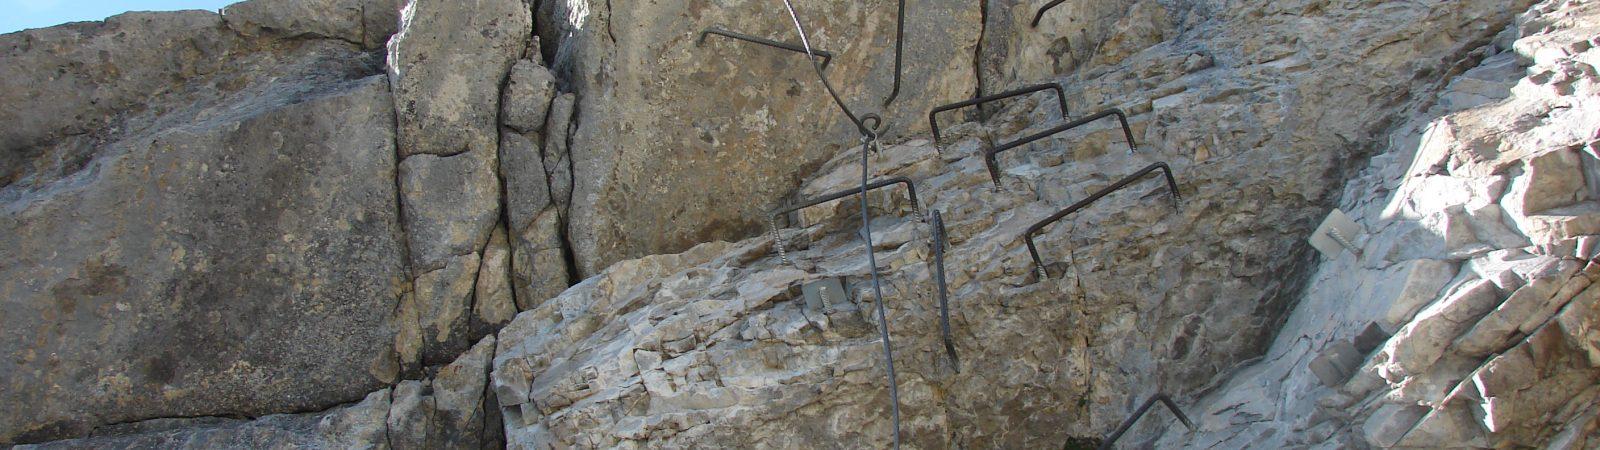 Via Ferrata tours in Chamonix